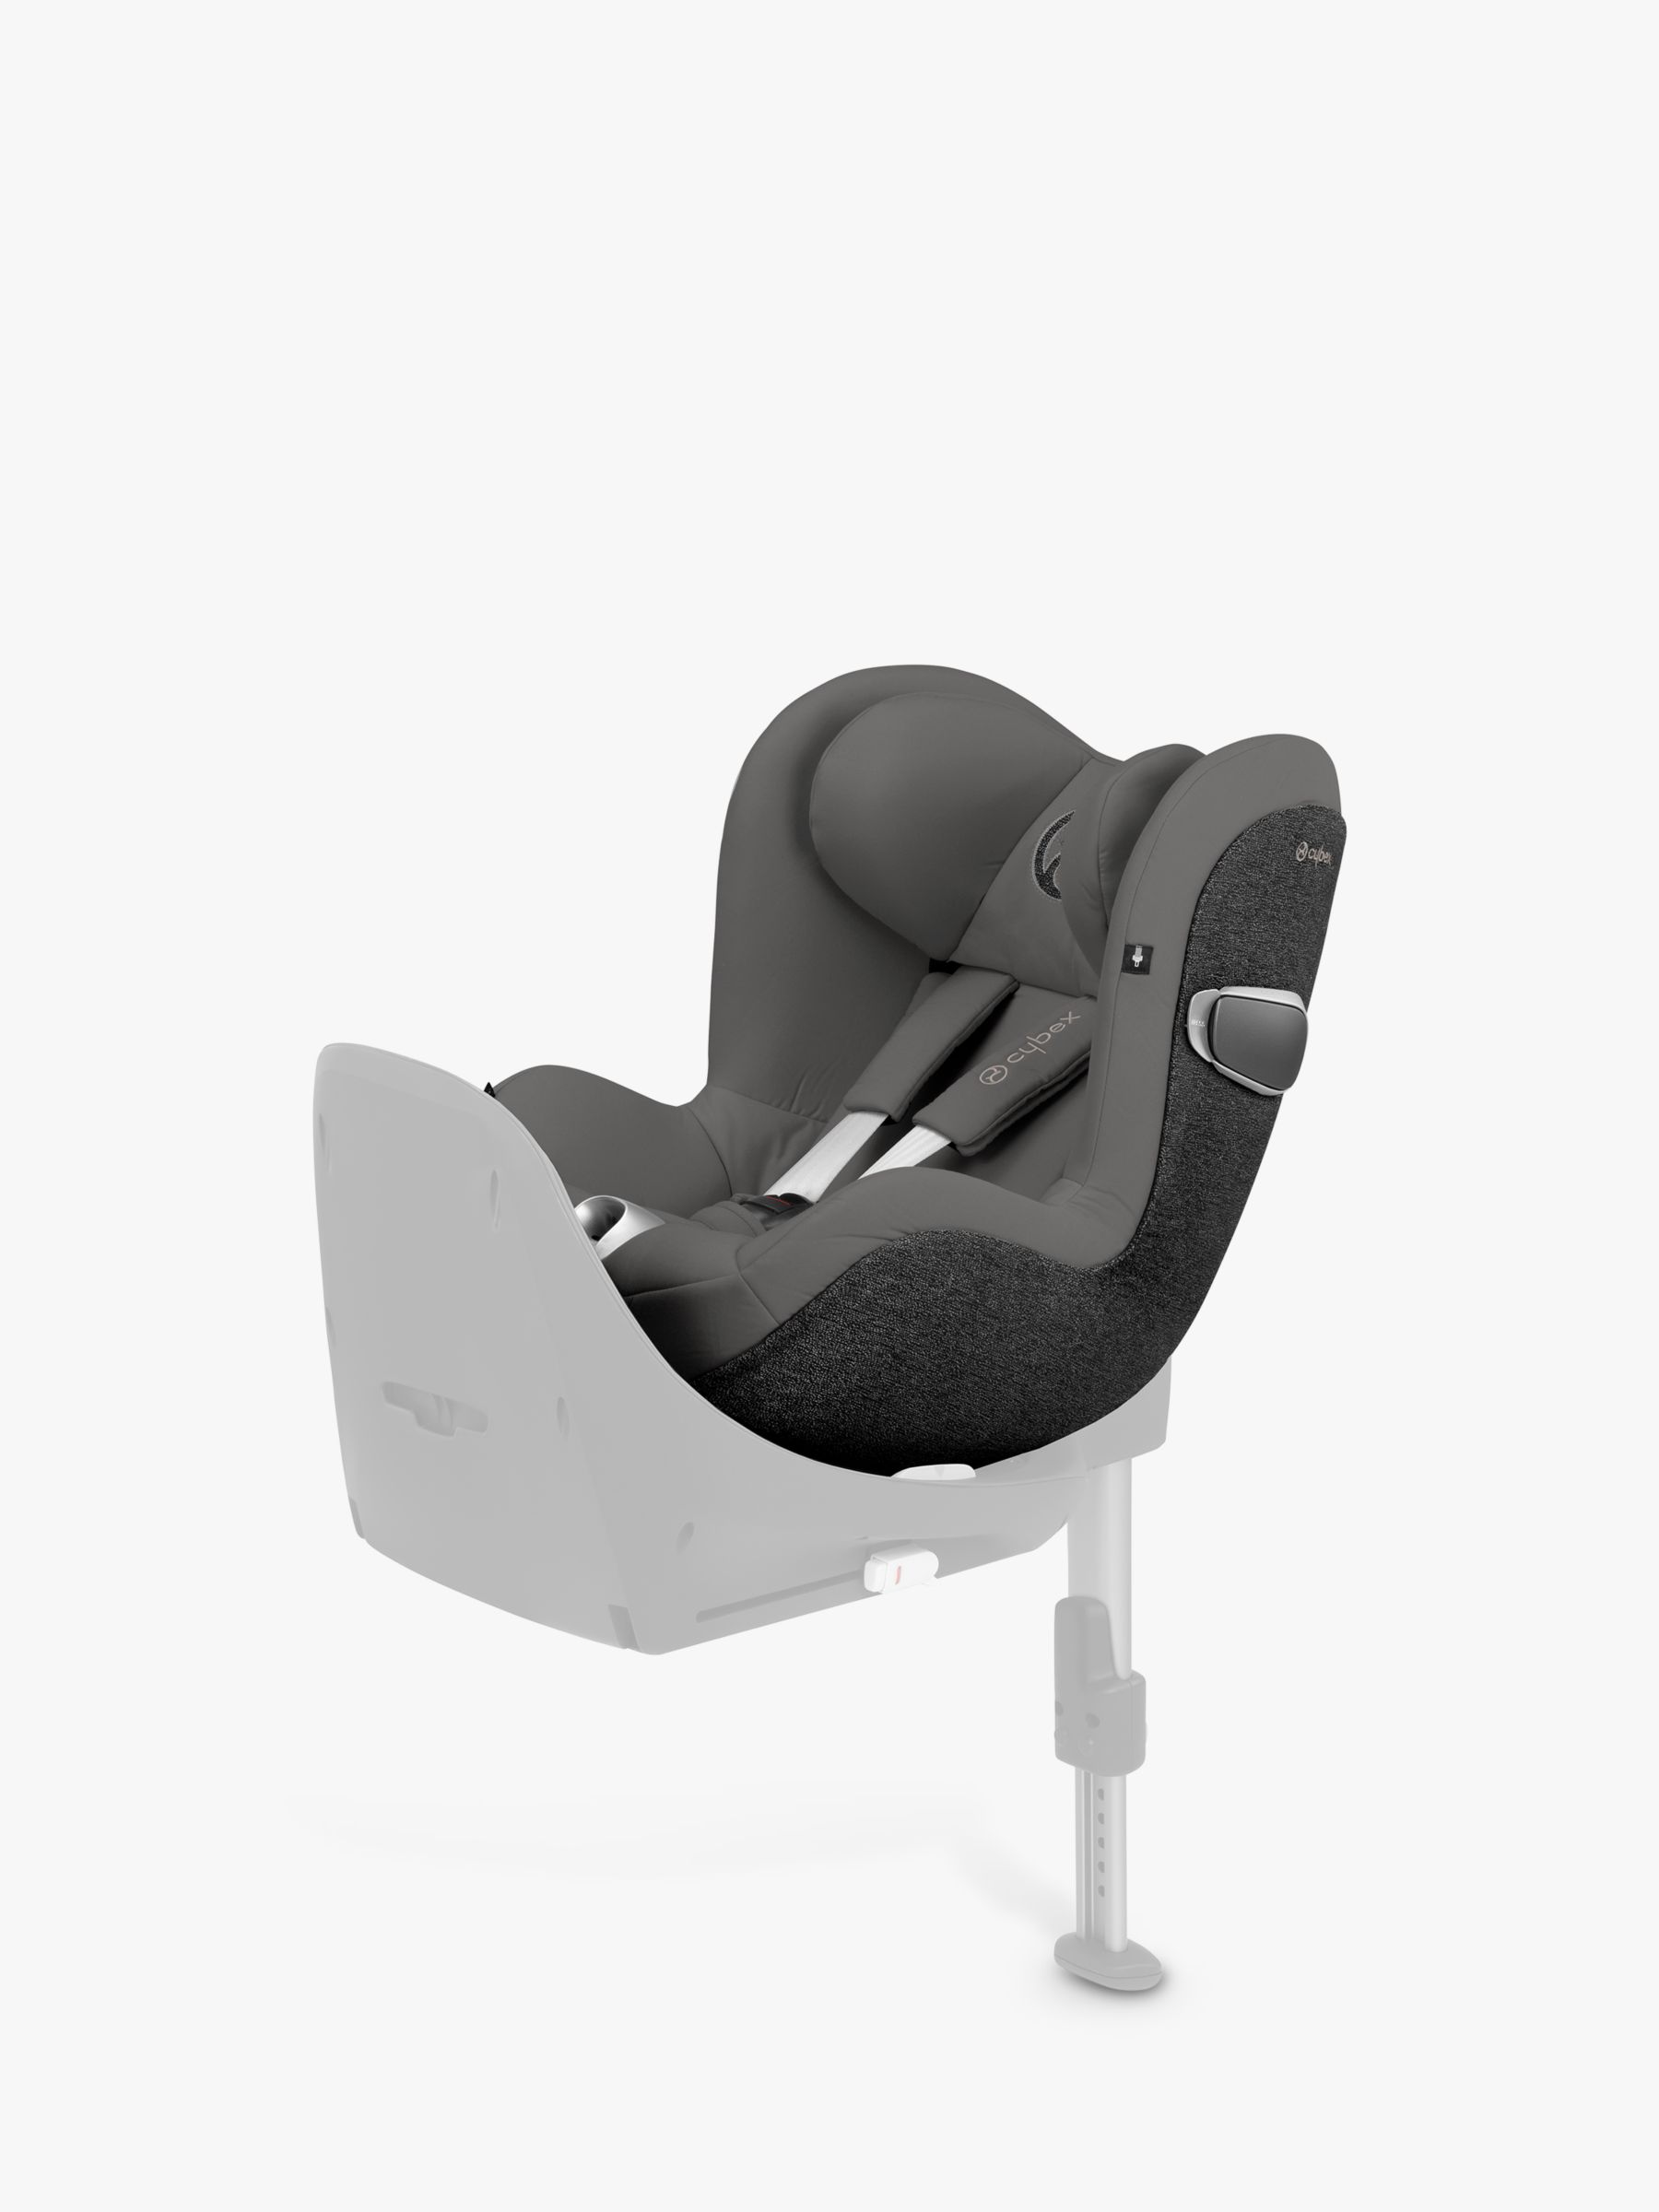 Cybex Cybex Sirona Z i-Size Group 0+/1 Car Seat, Soho Grey